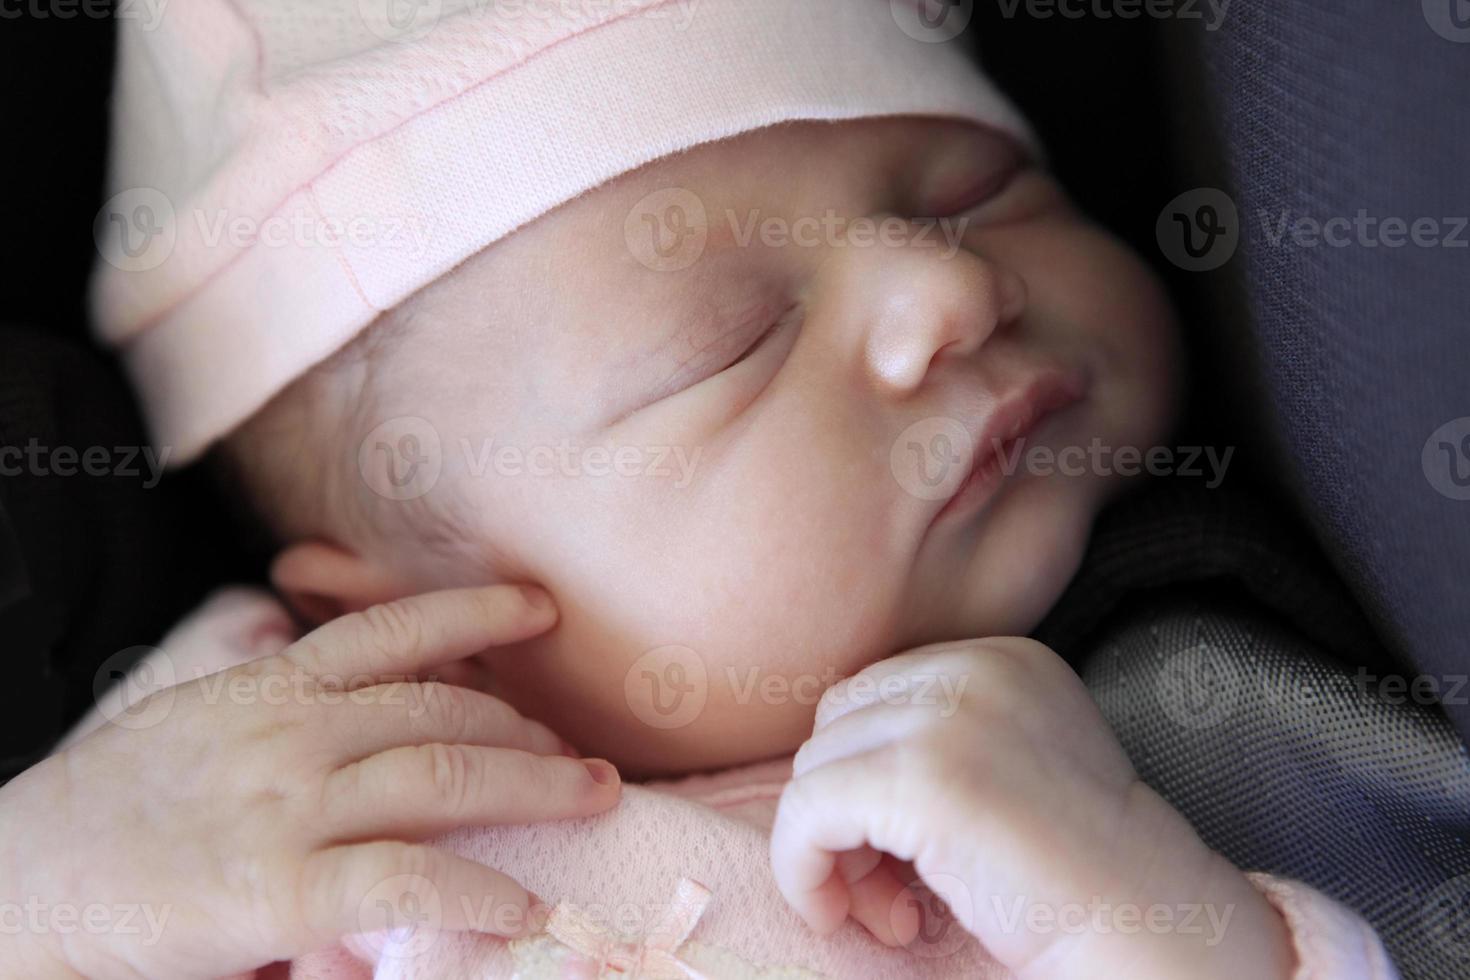 Sleeping newborn baby photo